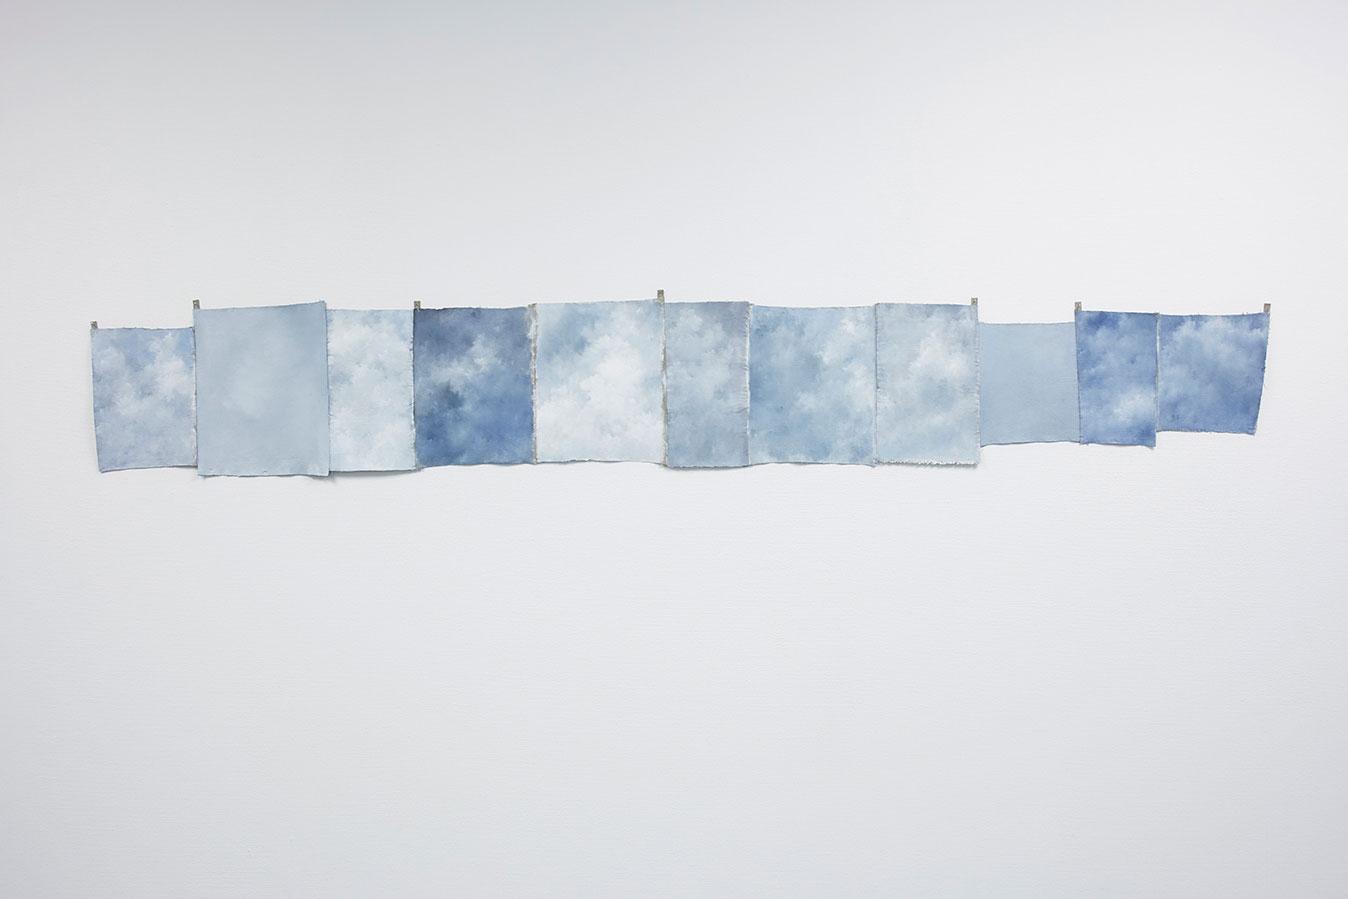 """Jakob Solgren, """"Vältvägg"""", 2017. Oil on canvas, 245 x 25, 30, 40 cm"""